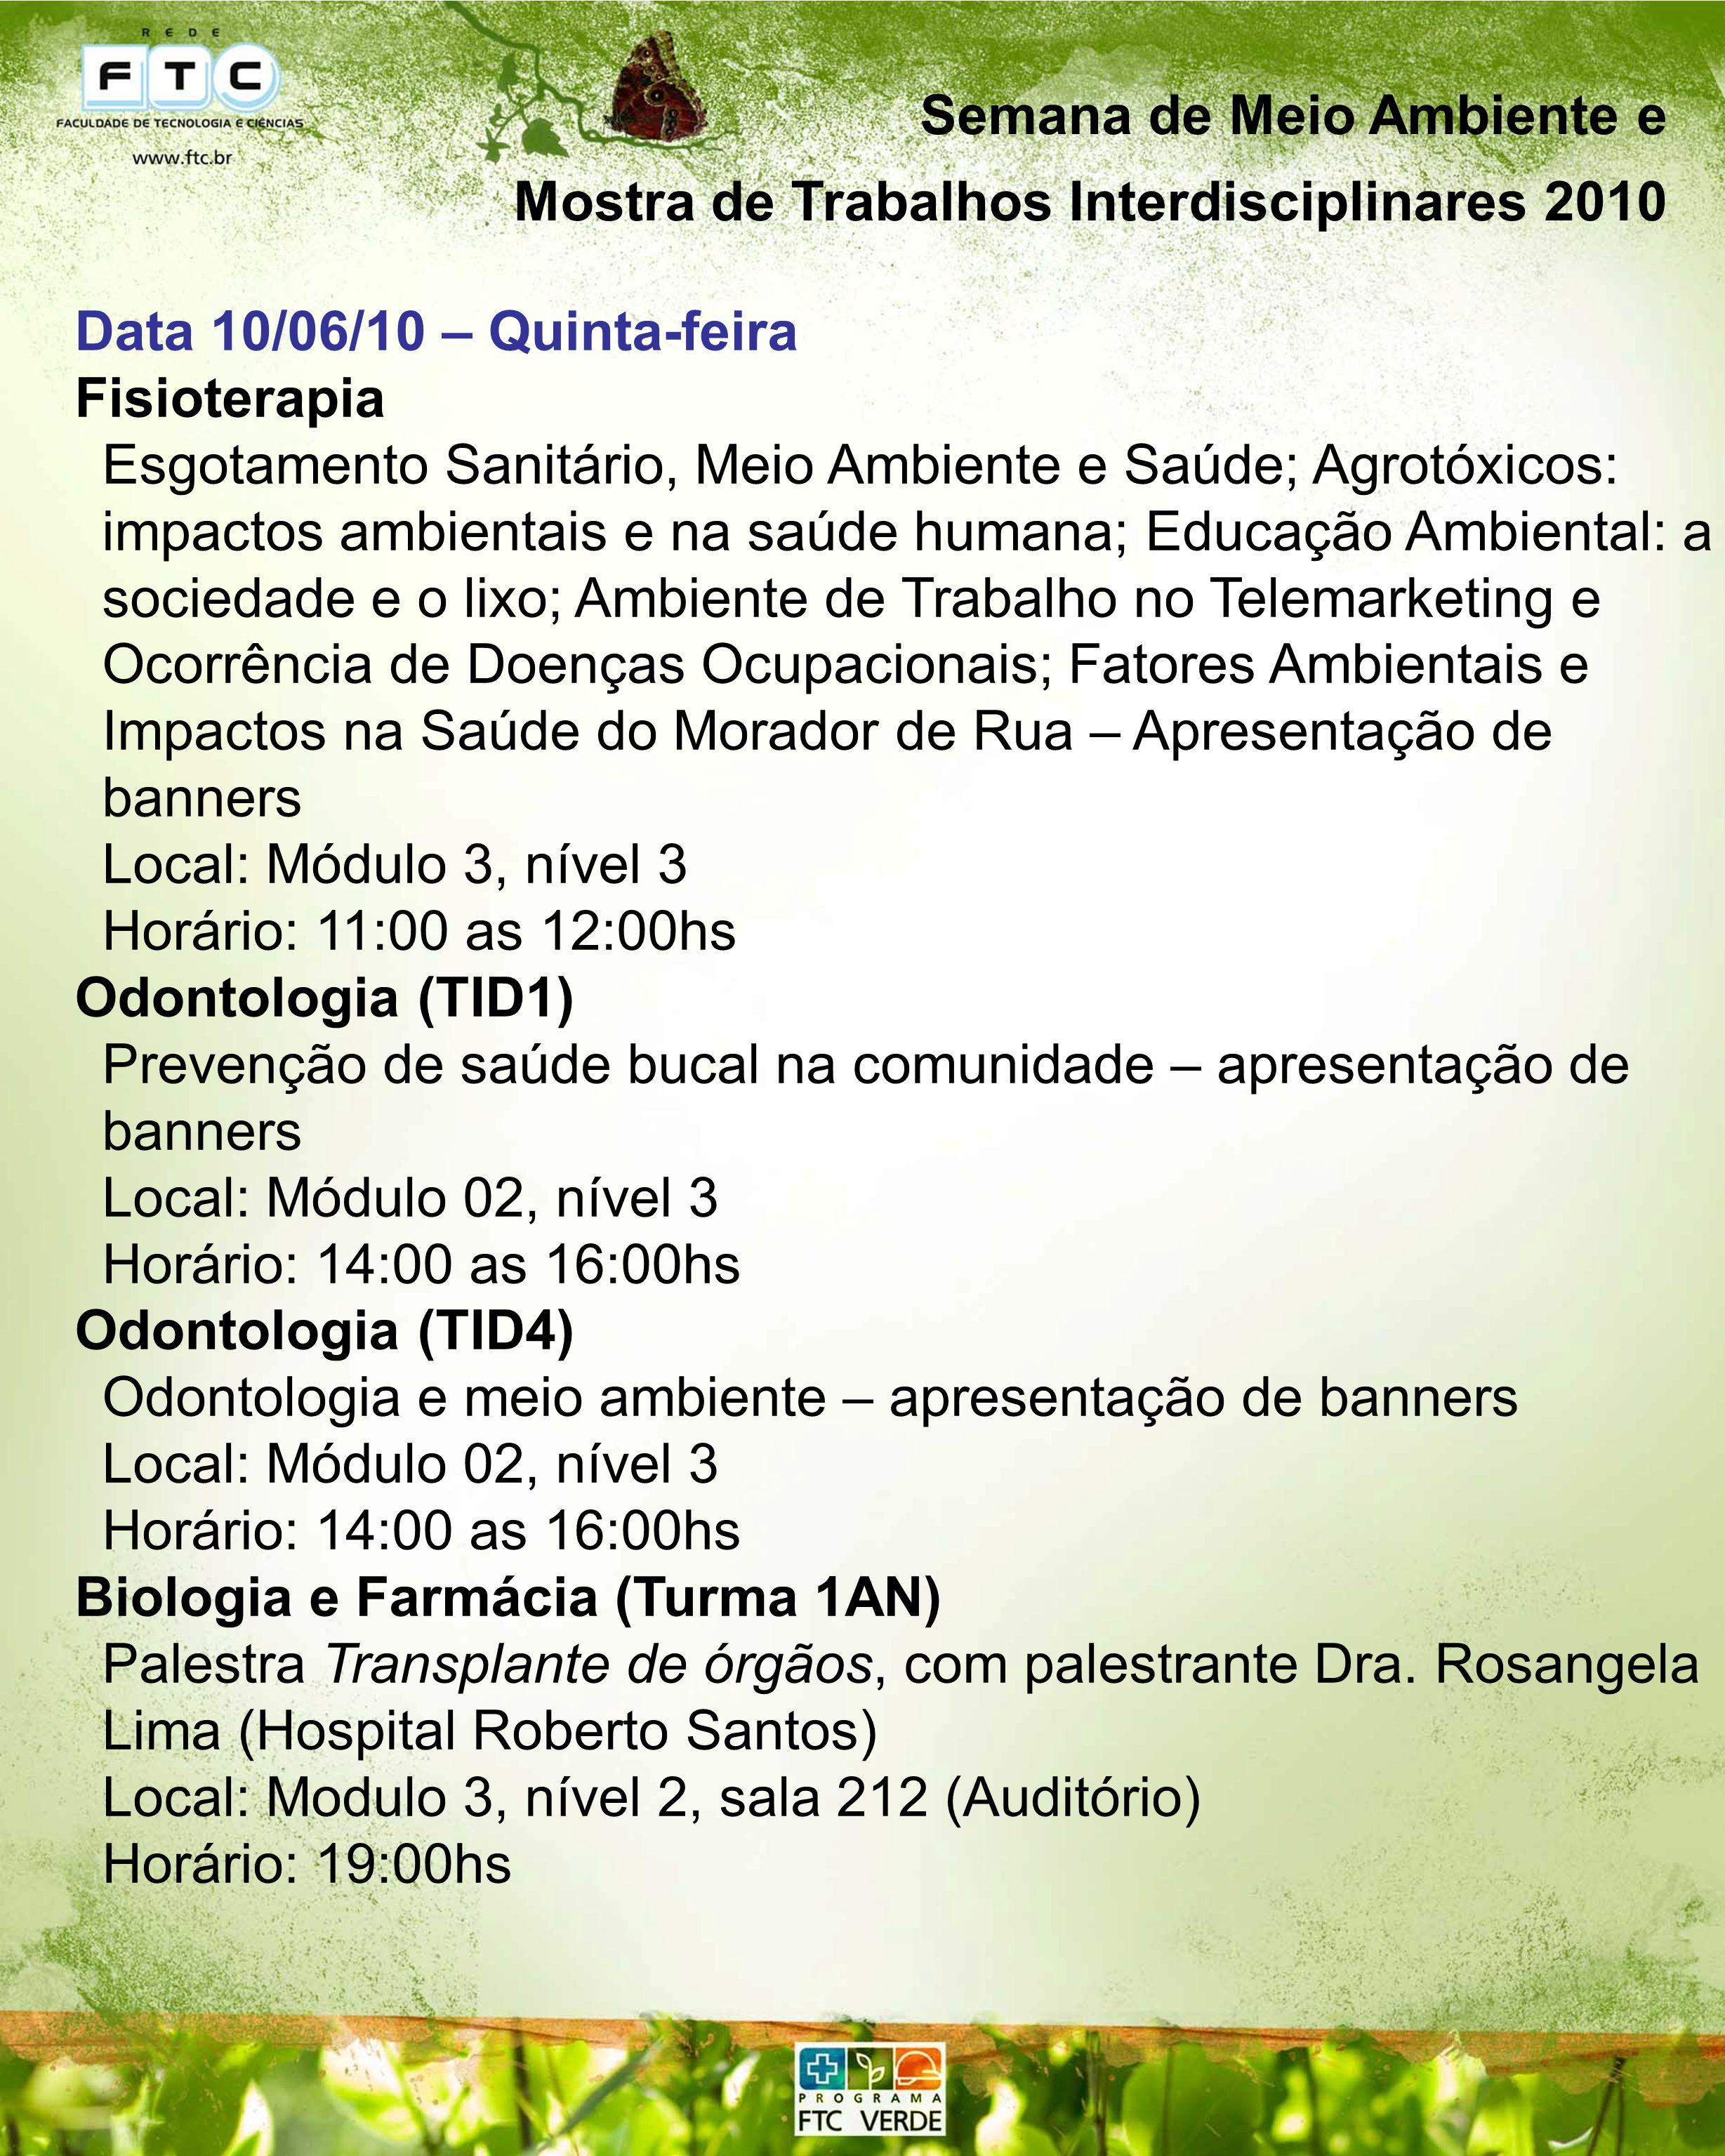 Semana de Meio Ambiente e Mostra de Trabalhos Interdisciplinares 2010 Data 10/06/10 – Quinta-feira Fisioterapia Esgotamento Sanitário, Meio Ambiente e